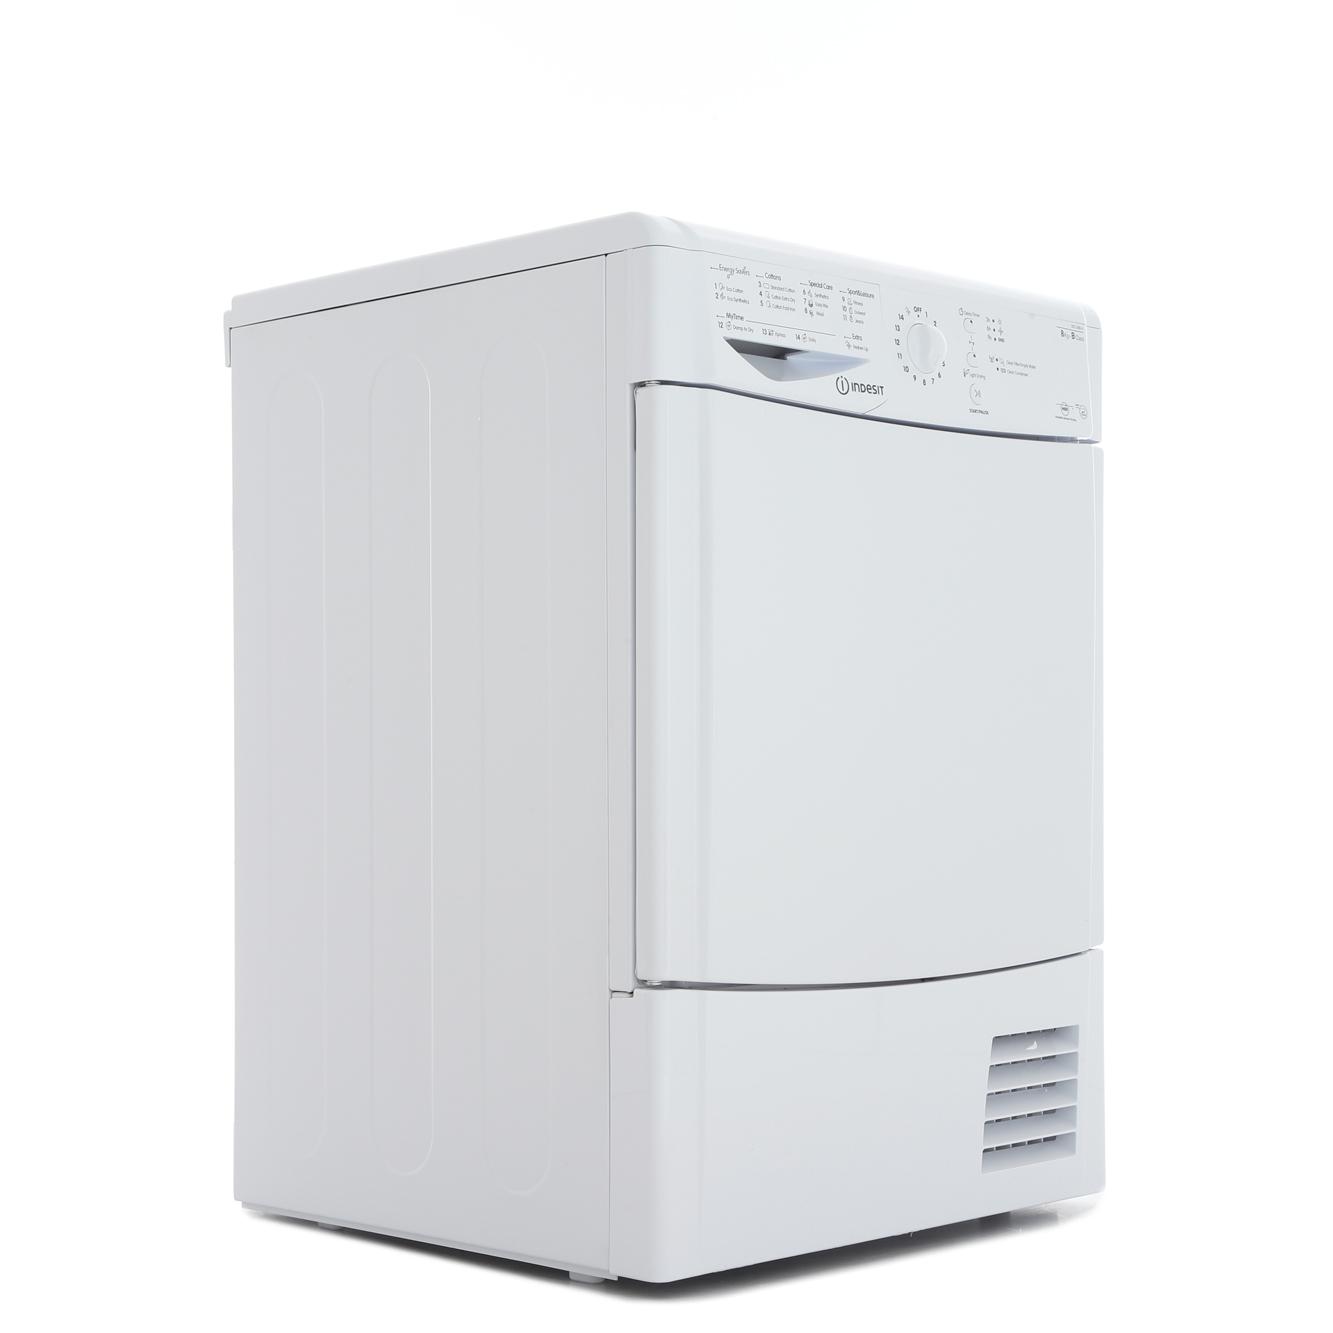 Indesit Advance IDCL85BHUK Condenser Dryer